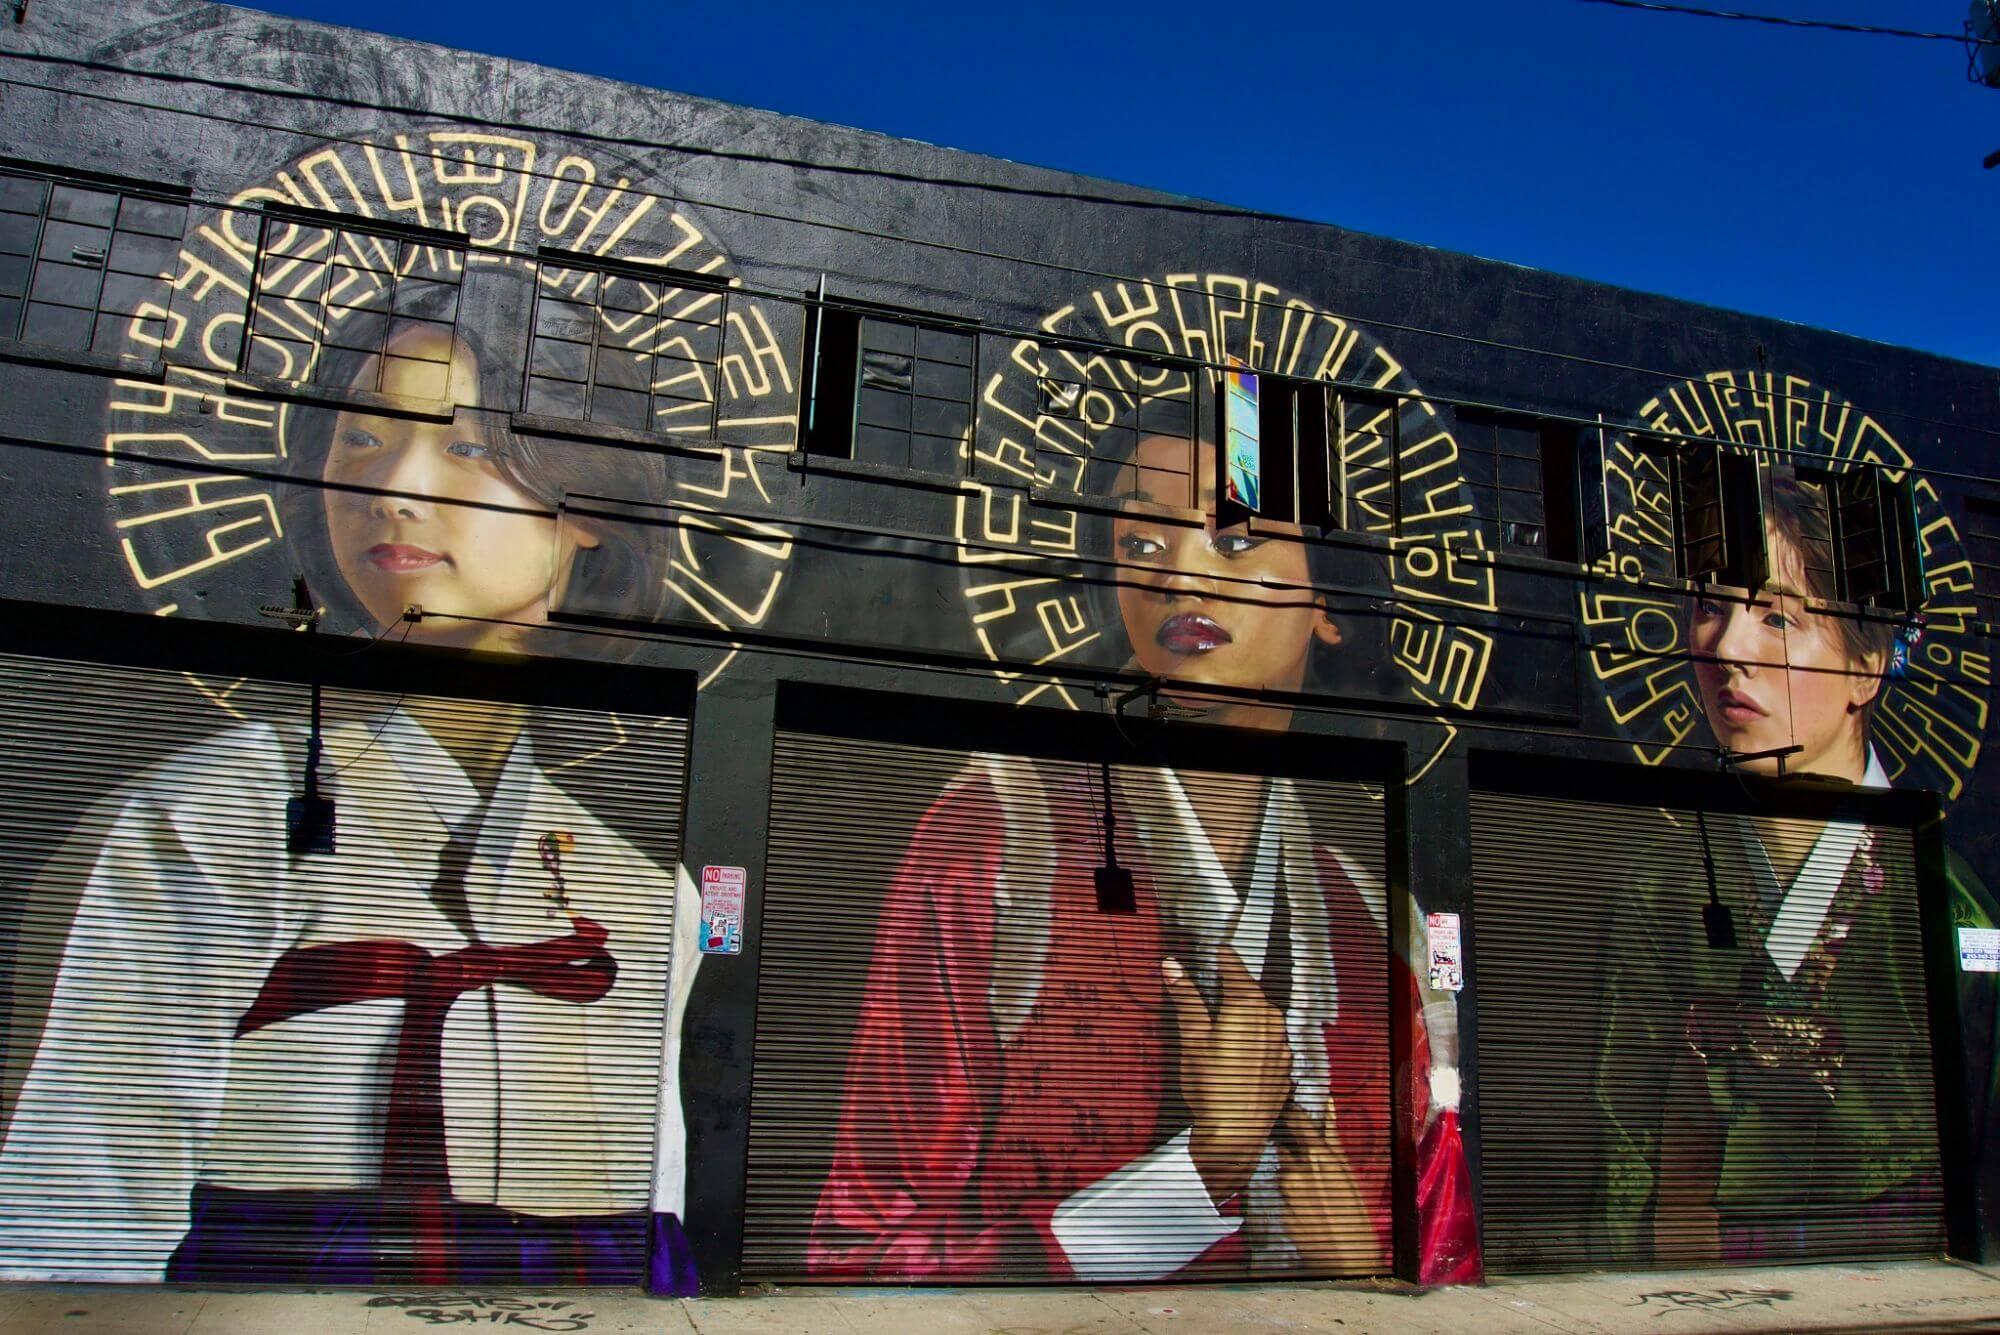 Street mural in downtown Los Angeles